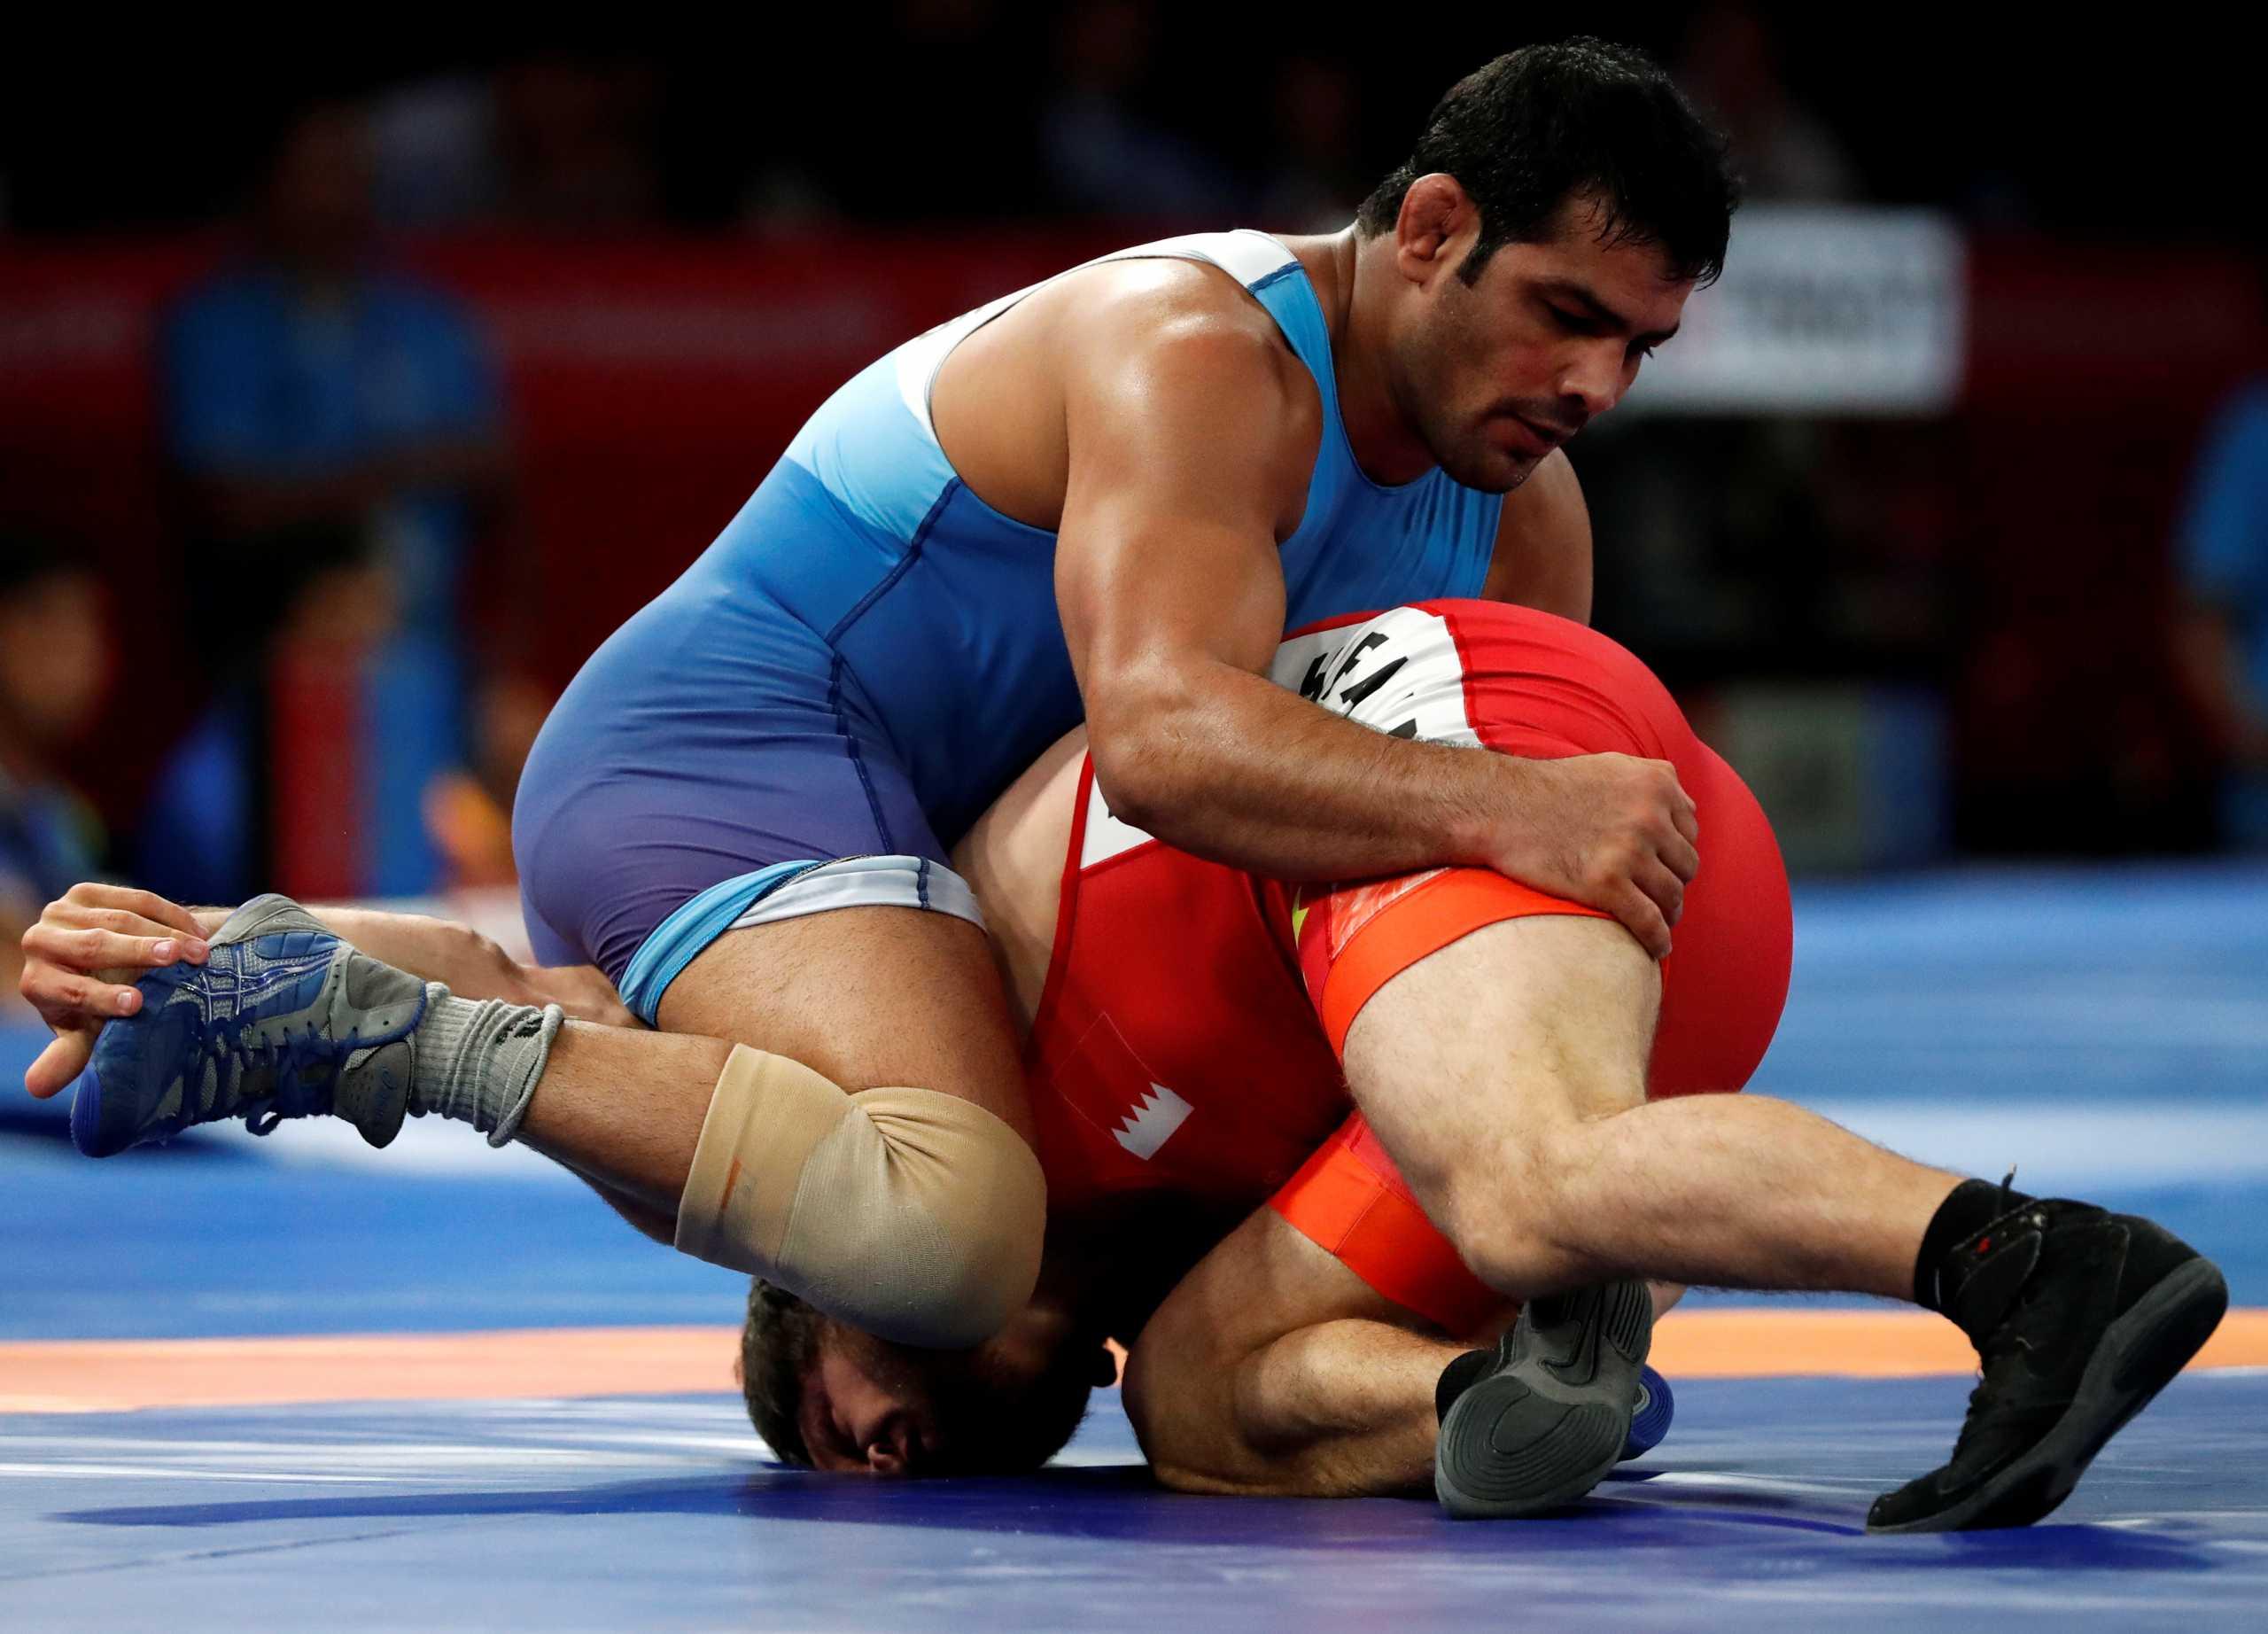 Ινδία: Συνελήφθη Ολυμπιονίκης της πάλης για εμπλοκή σε δολοφονία